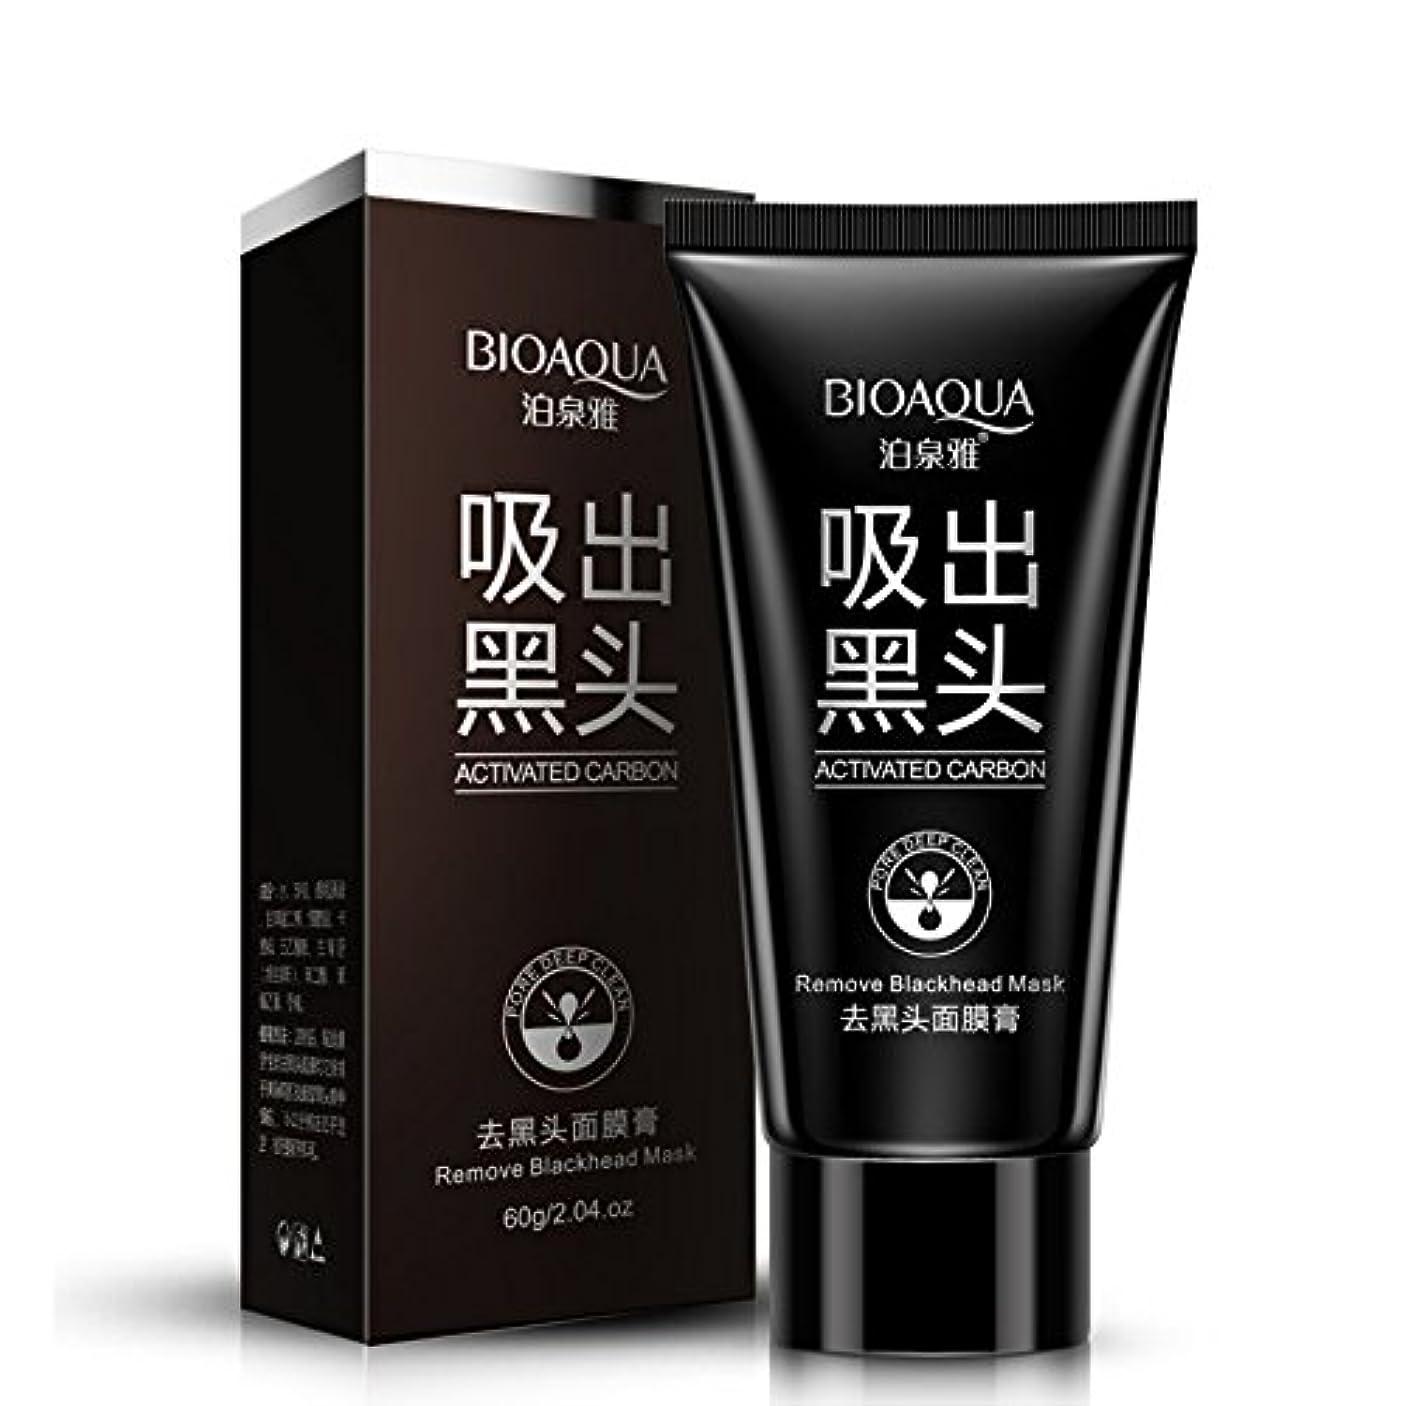 予感祭司従事したSuction Black Mask Shrink Black Head Spots Pores,Face Mask Blackhead Removal Blackheads Cosmetics Facials Moisturizing...